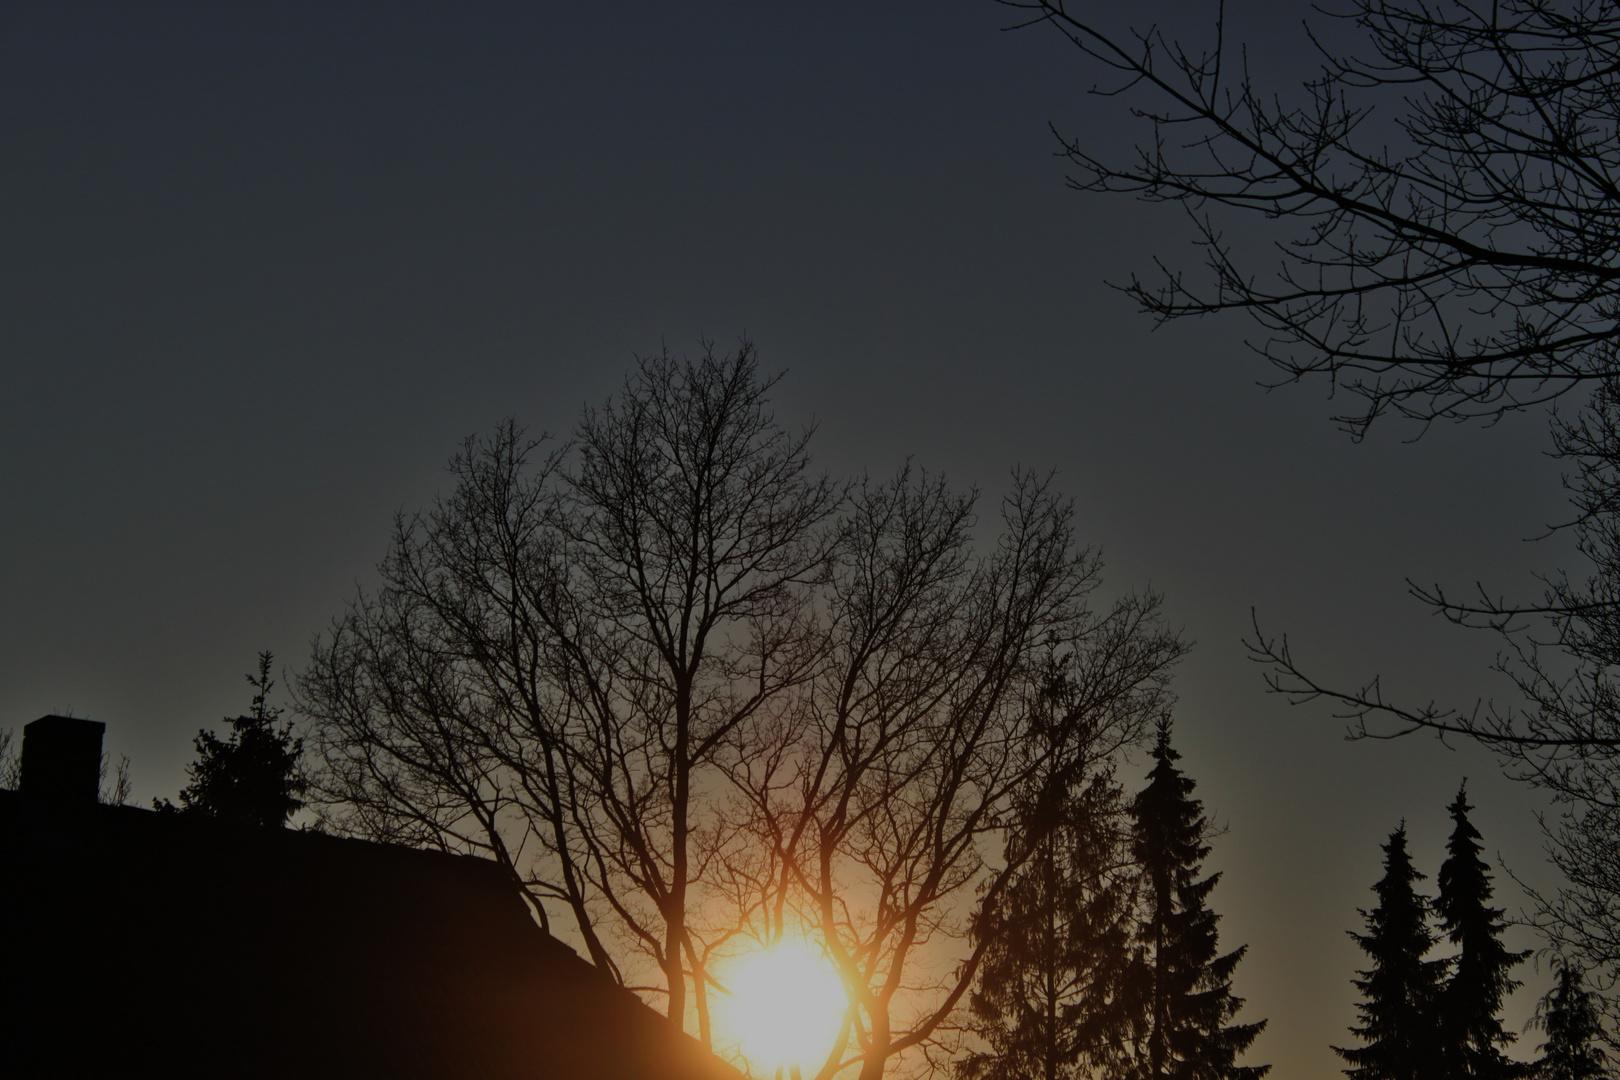 die Sonne geht zwar unter, aber es folgt auch immer der Sonnenaufgang.